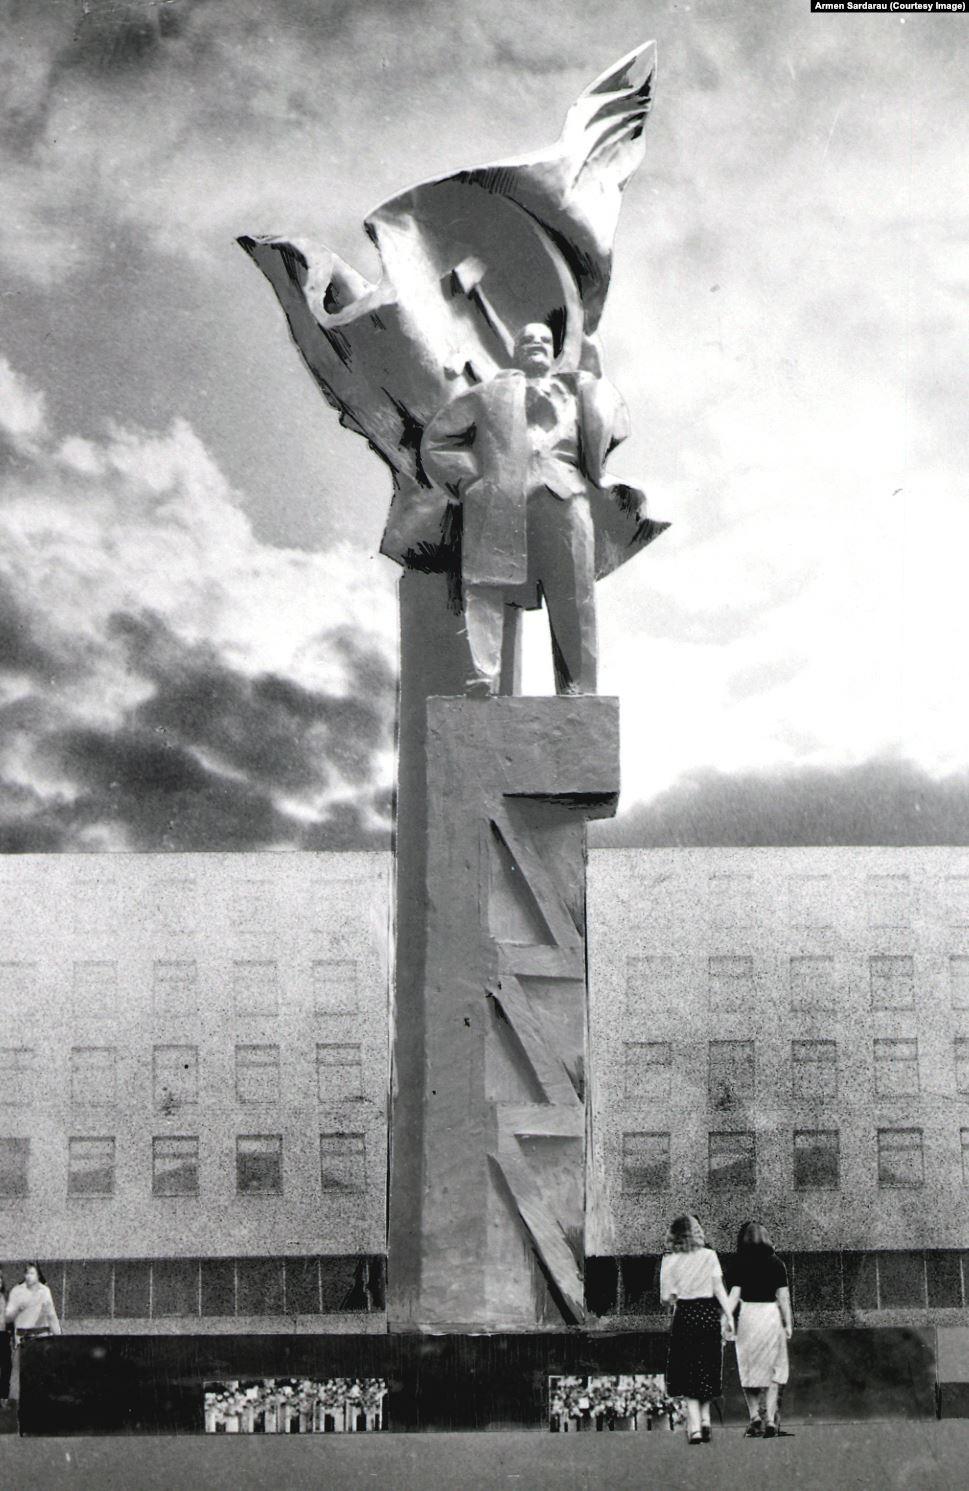 Эскиз самого большого памятника Ленину в Беларуси. Его высота 14 метров